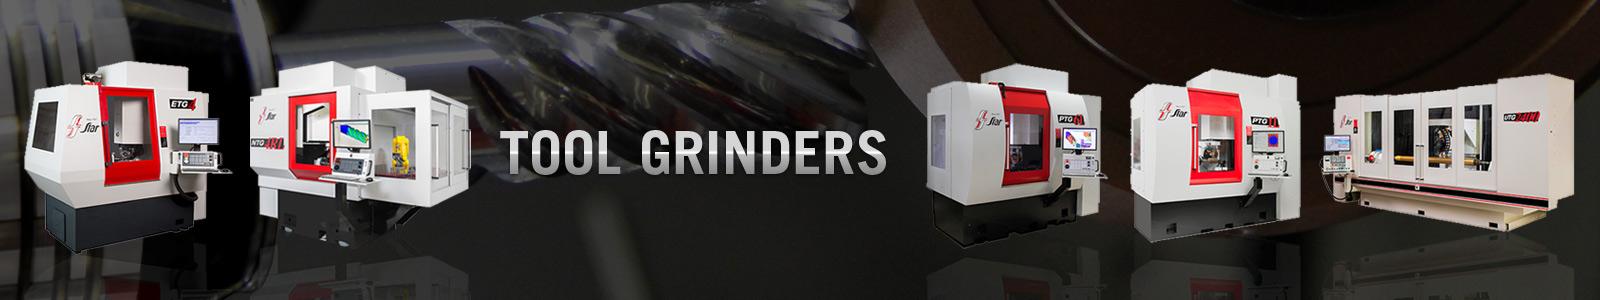 Tool Grinders